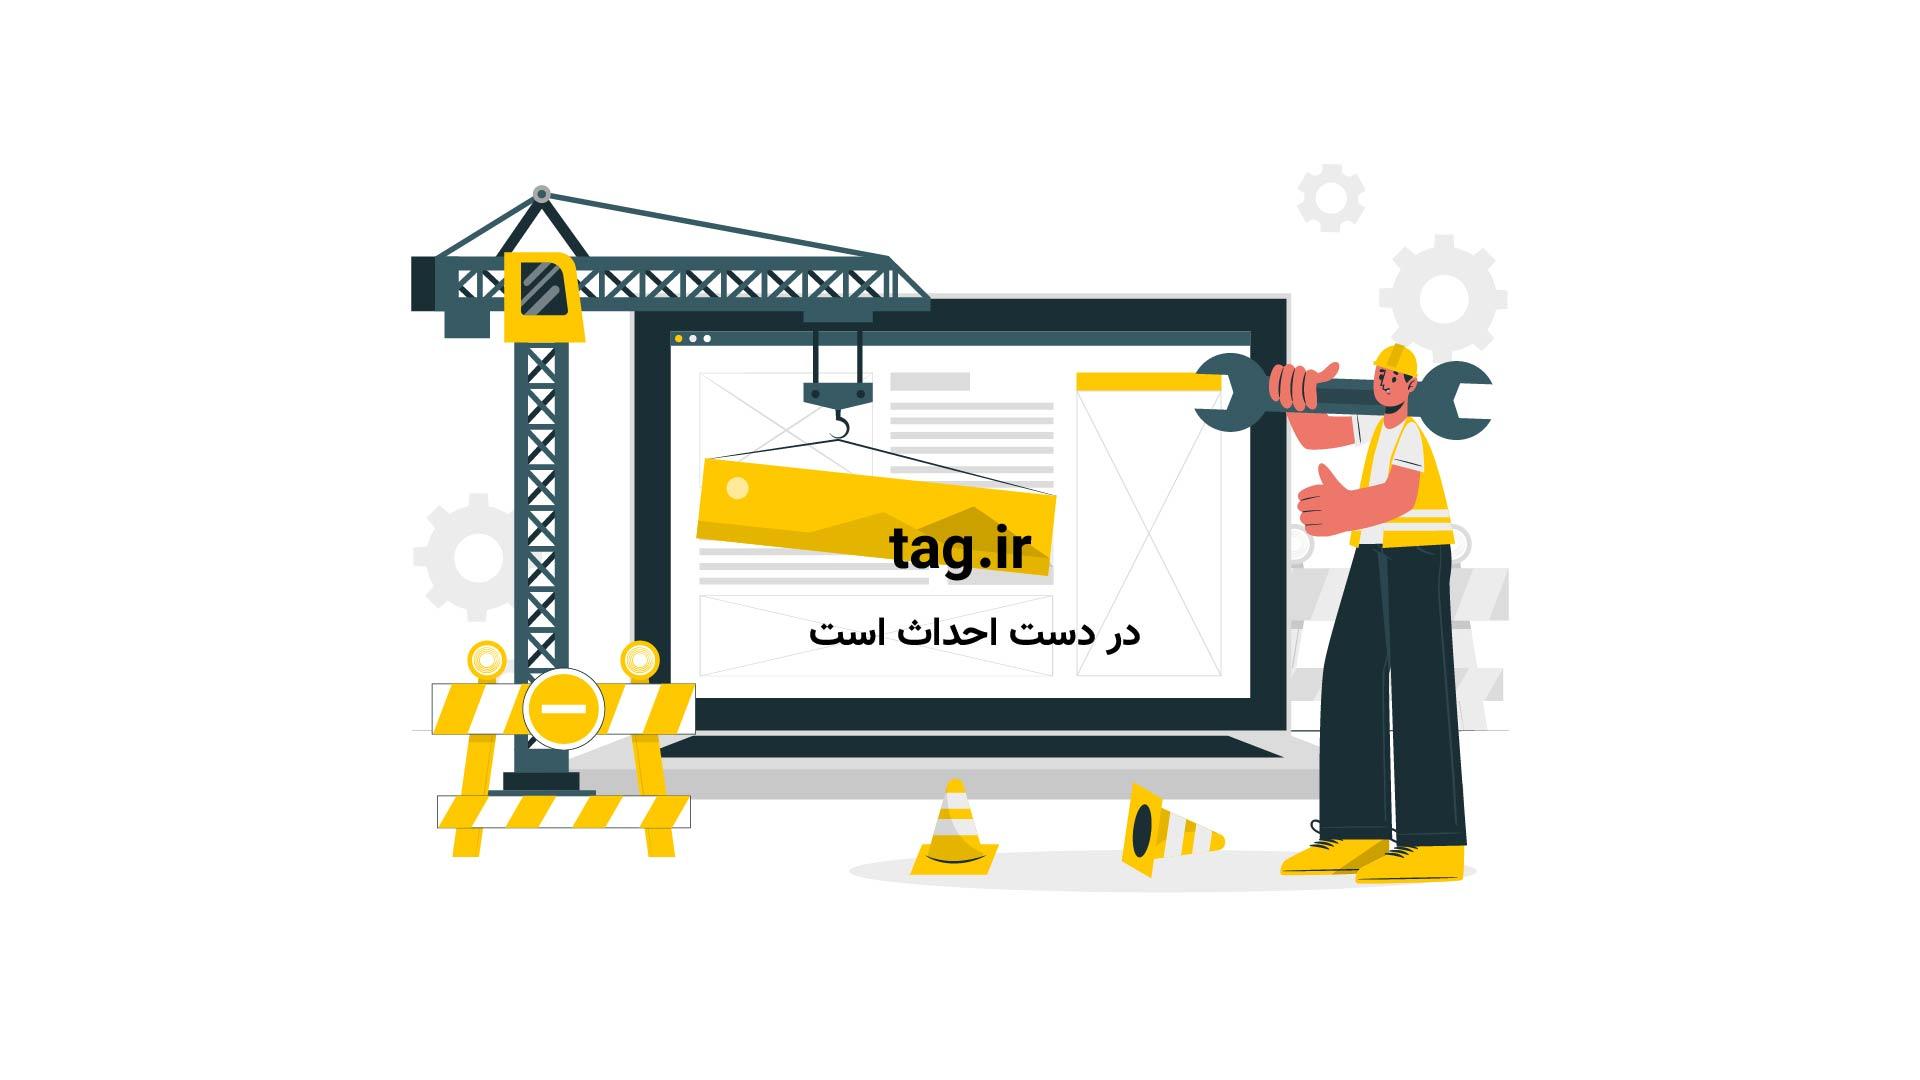 ساخت مدرنترین خودروی دنیا با استفاده از وسایل قدیمی | فیلم